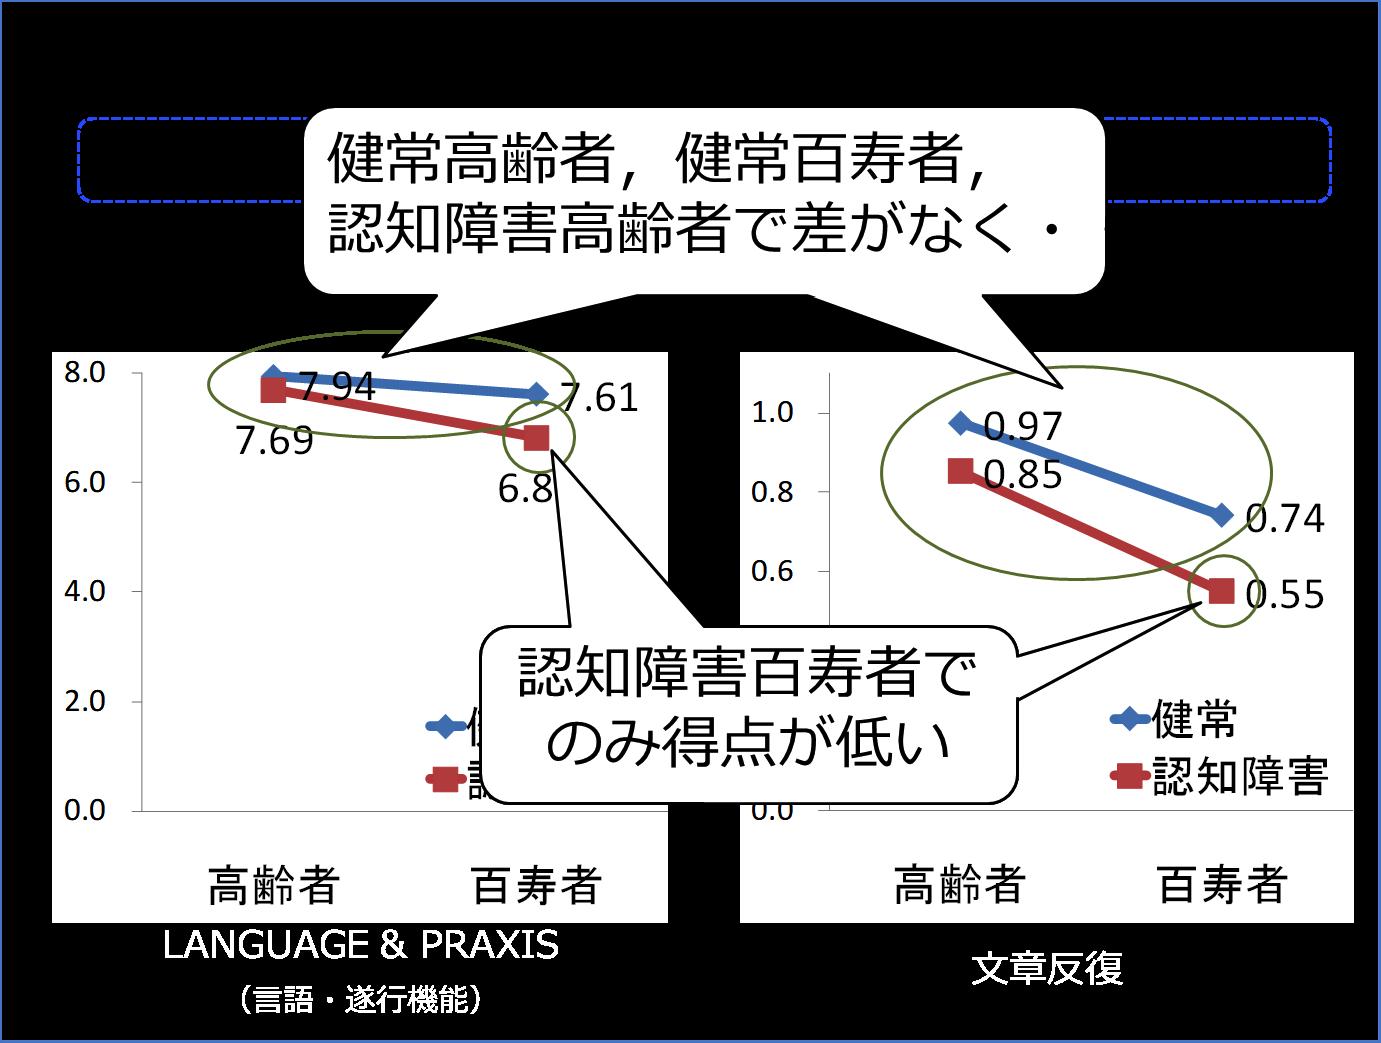 図4 言語・遂行機能の結果